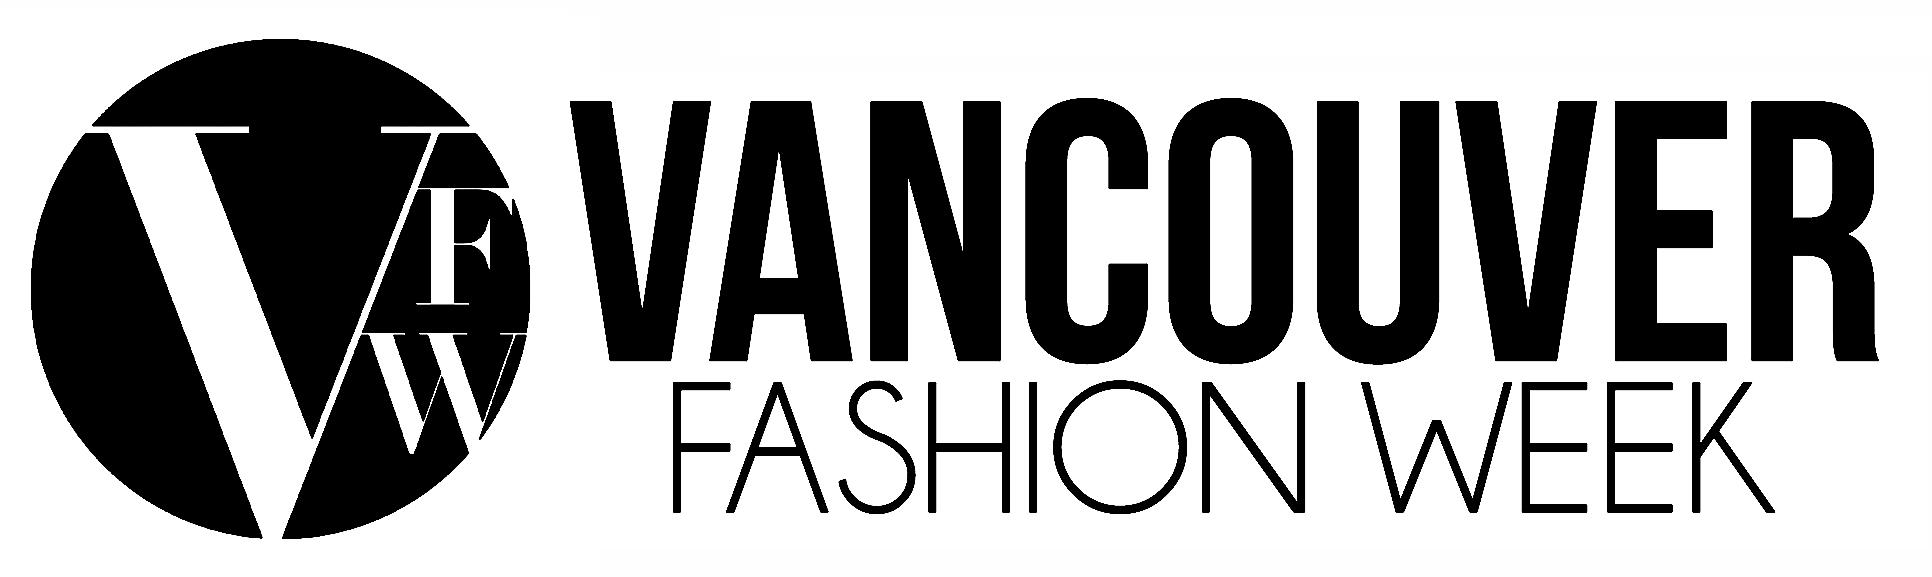 Vancouver Fashion Week 2015